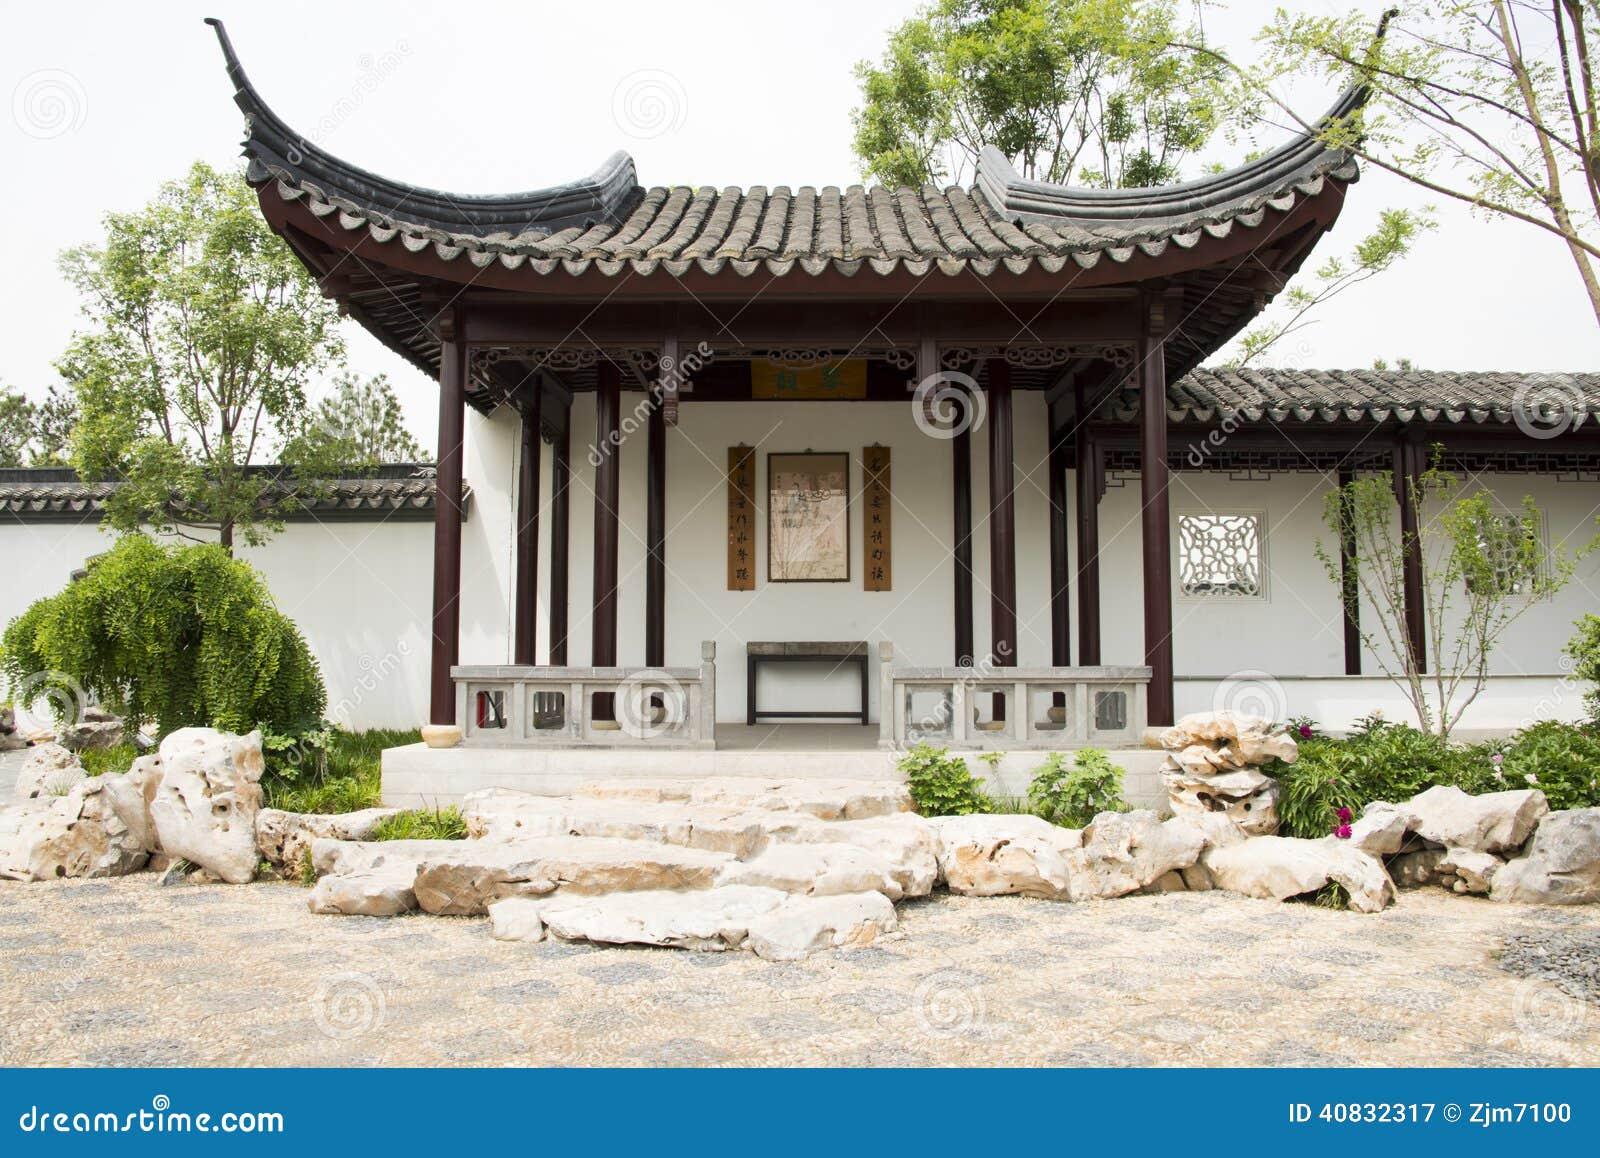 Azi chinees peking tuin antiquiteit de bouw gang paviljoen wit grijs tegel bruine - Gang wit en grijs ...